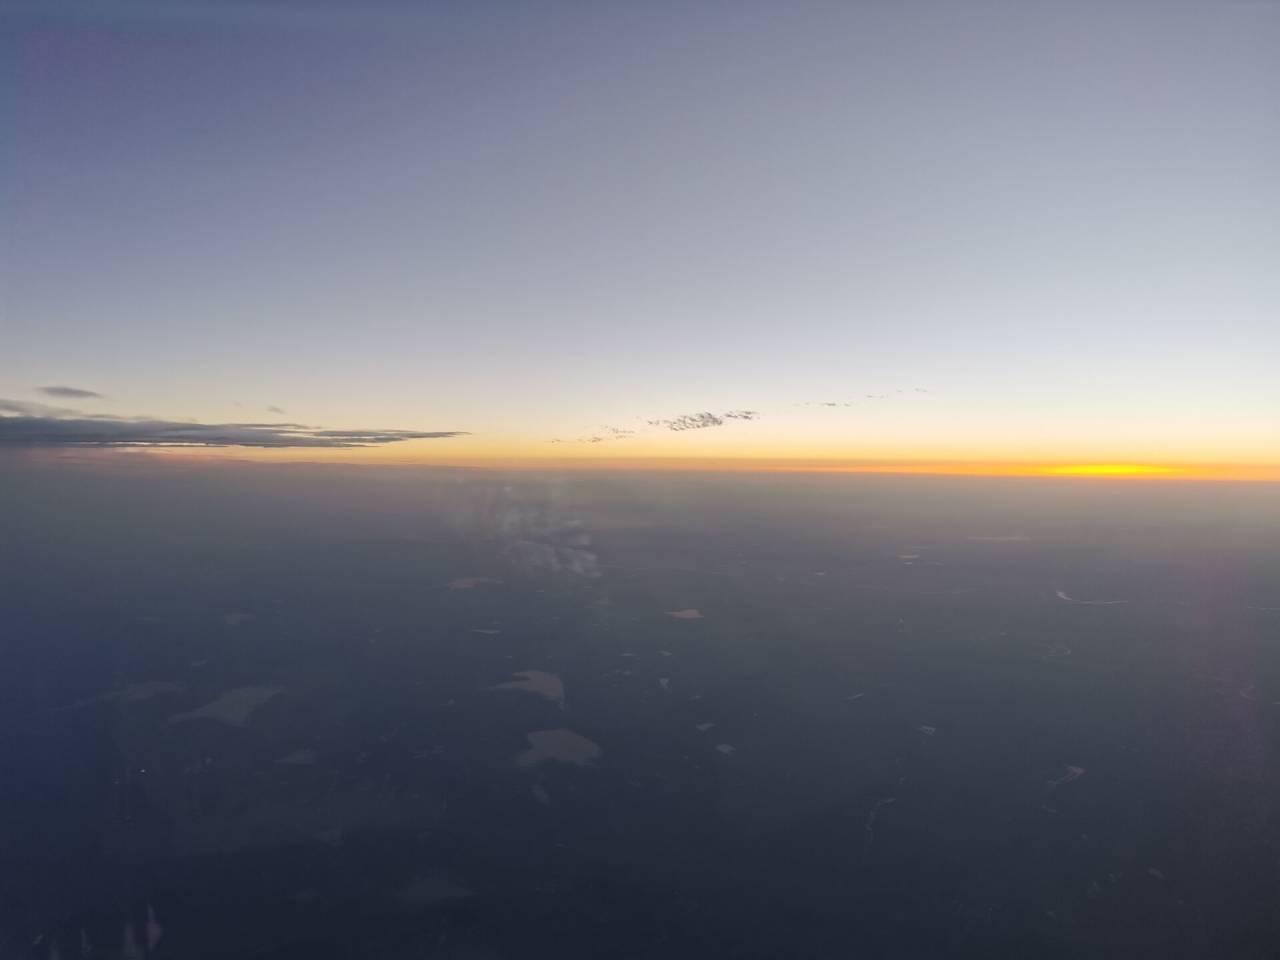 空中看落日6.jpg